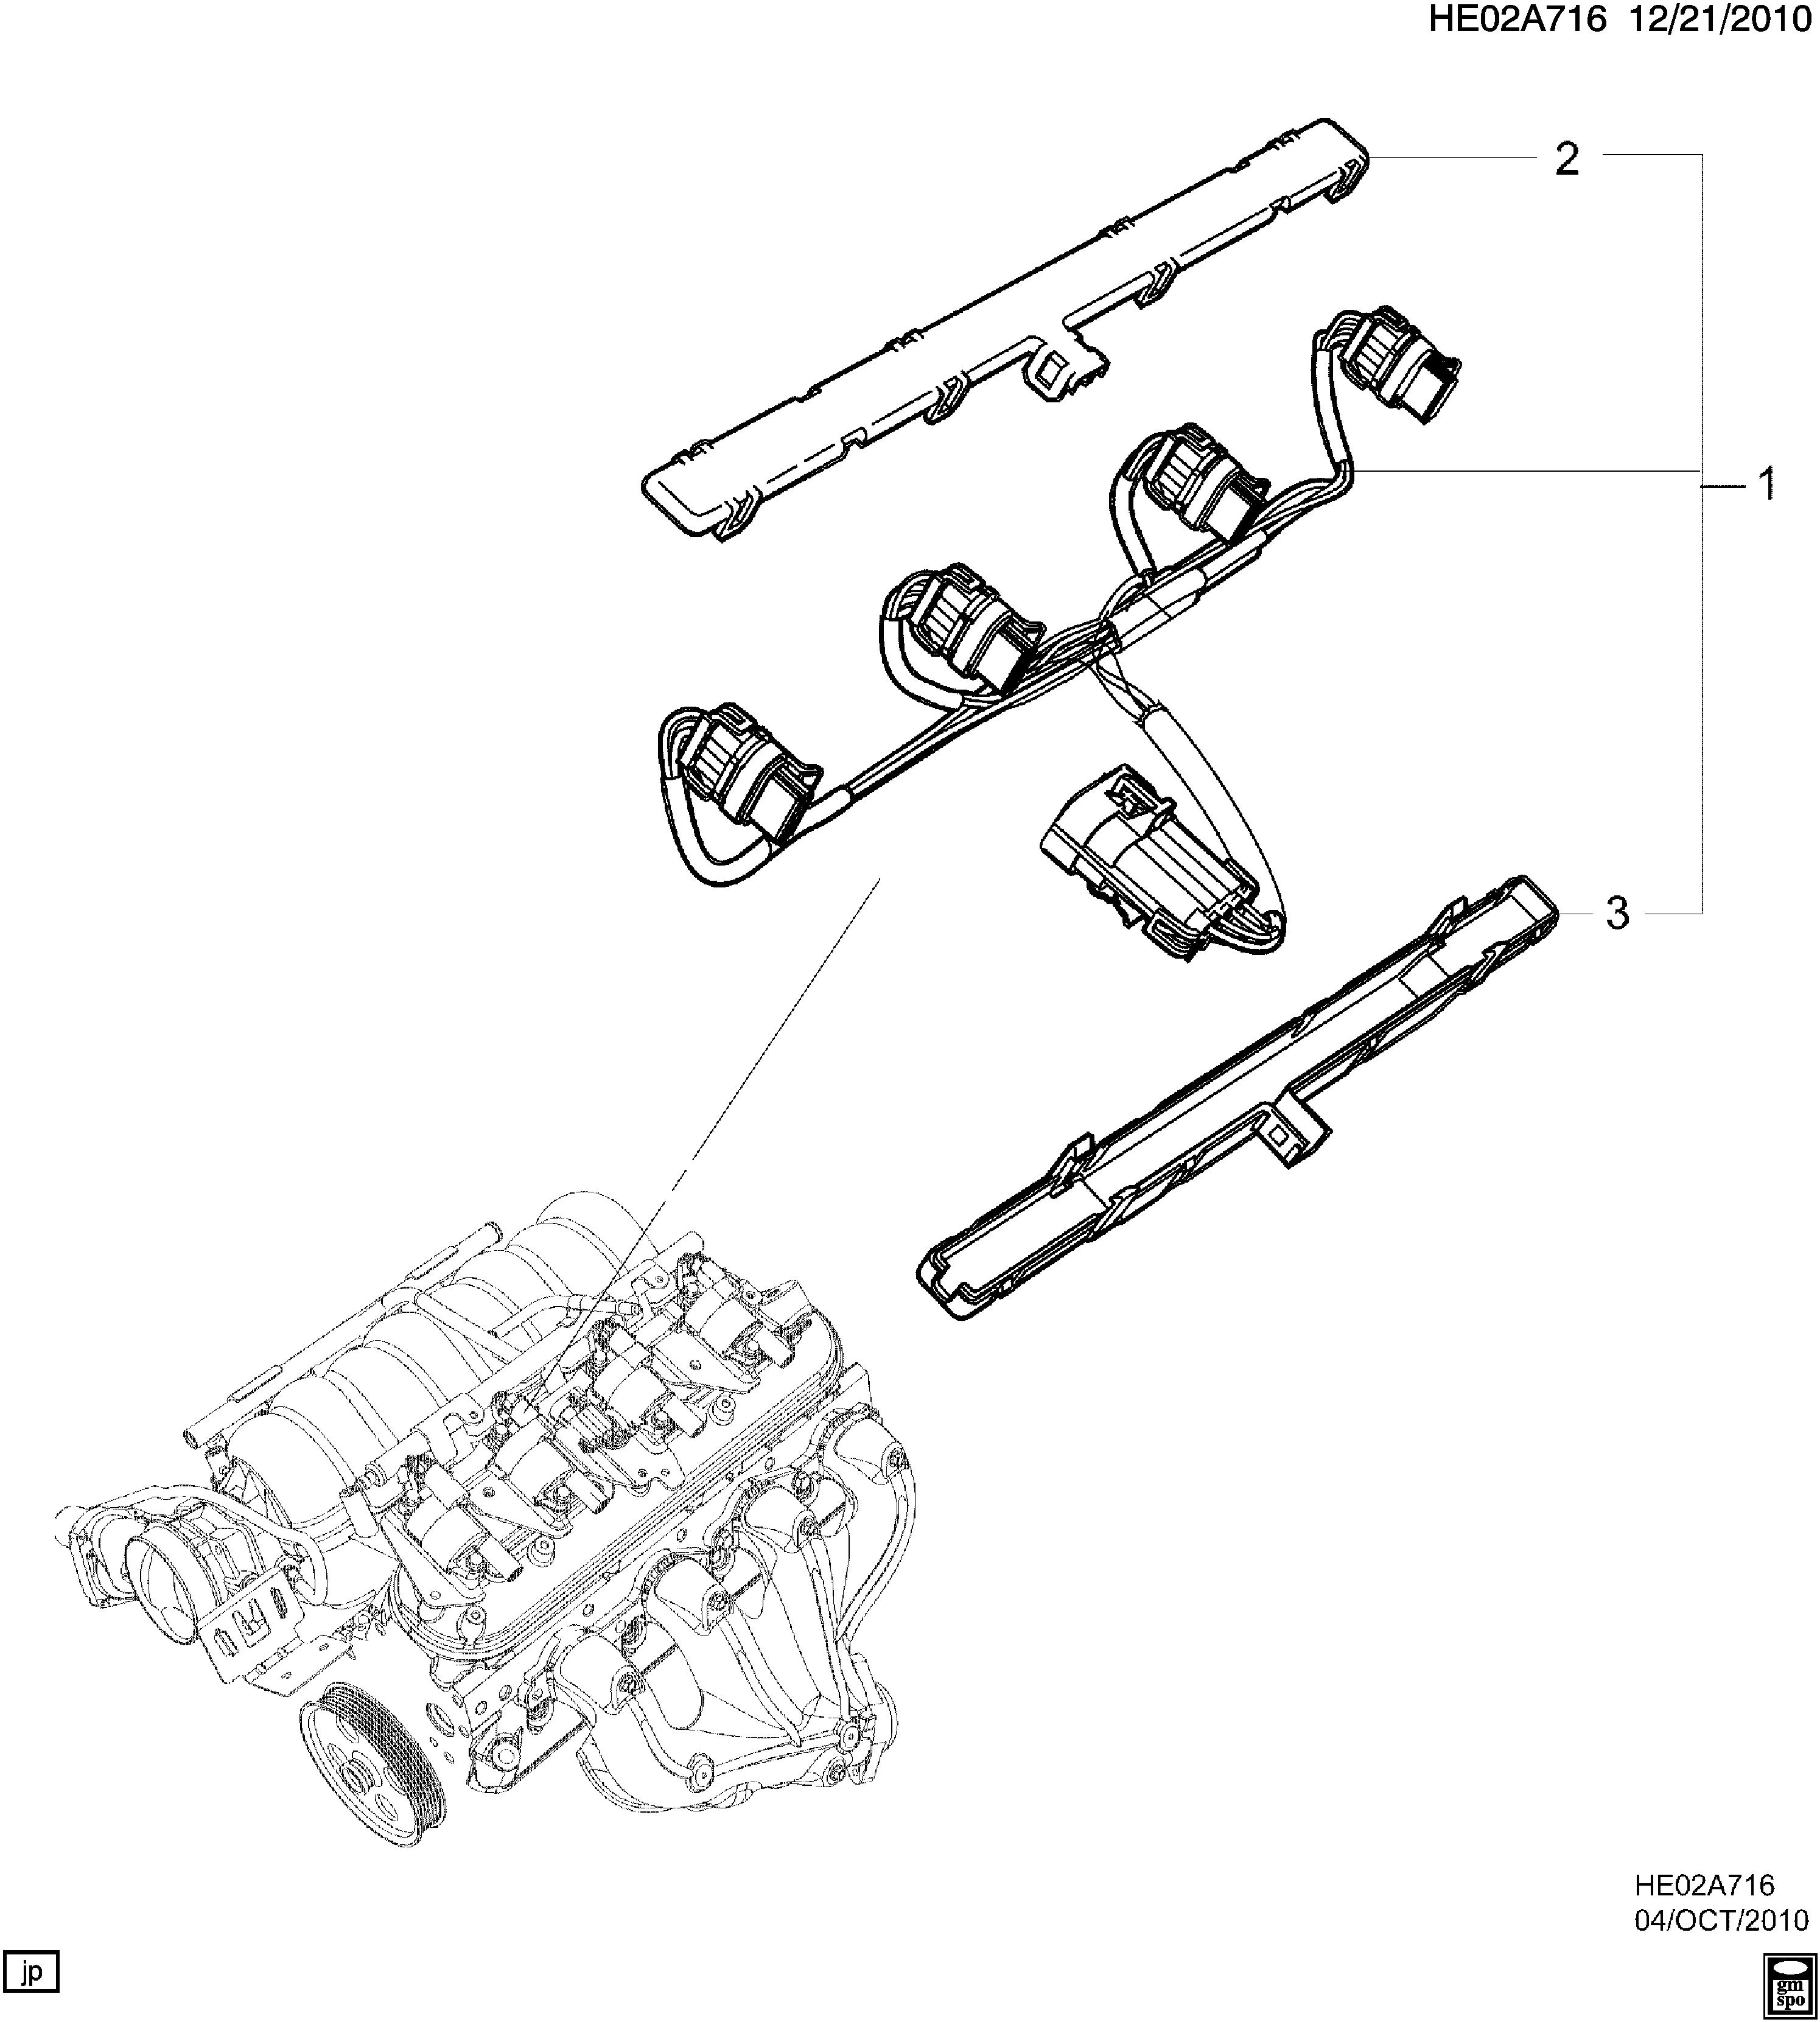 [DIAGRAM_5LK]  Pontiac G8 - E WIRING HARNESS/ENGINE-IGNITION COIL (L76/6.0Y) > EPC Online  > Nemiga.com | L76 Engine Diagram |  | nemigaparts.com